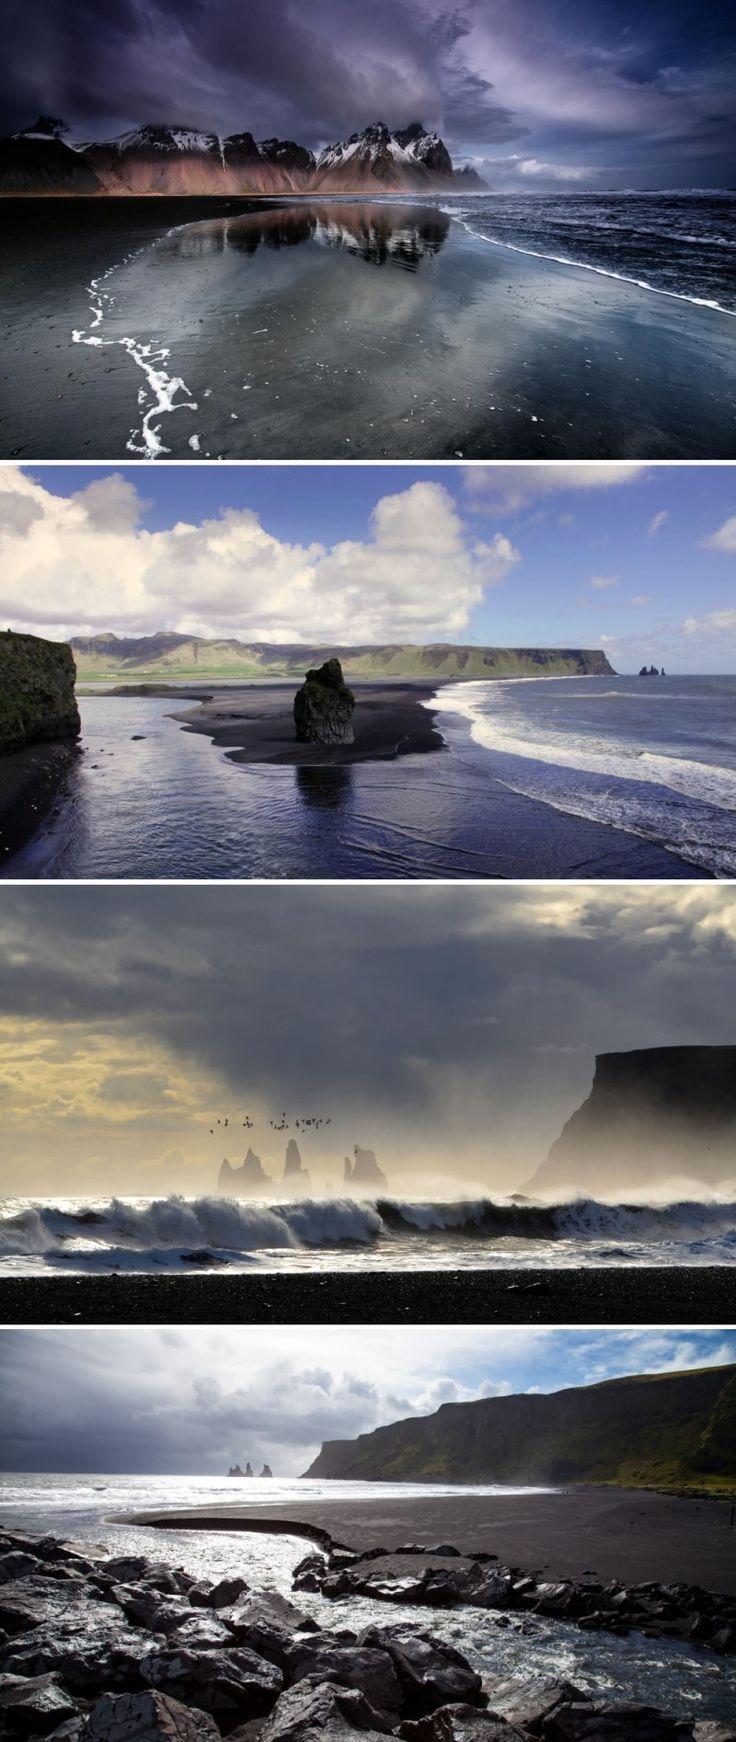 Очень и очень необычный чёрный пляж близ самой южной исландской деревни Вик. Чёрный песок, чёрные валуны, чёрные скалы – всё это творение вулканов. Расплавленная лава стекала в море, остывала и затвердевала. Море за много лет разбивало и дробило эти лавовые окаменелости на мелкий гравий и песок.